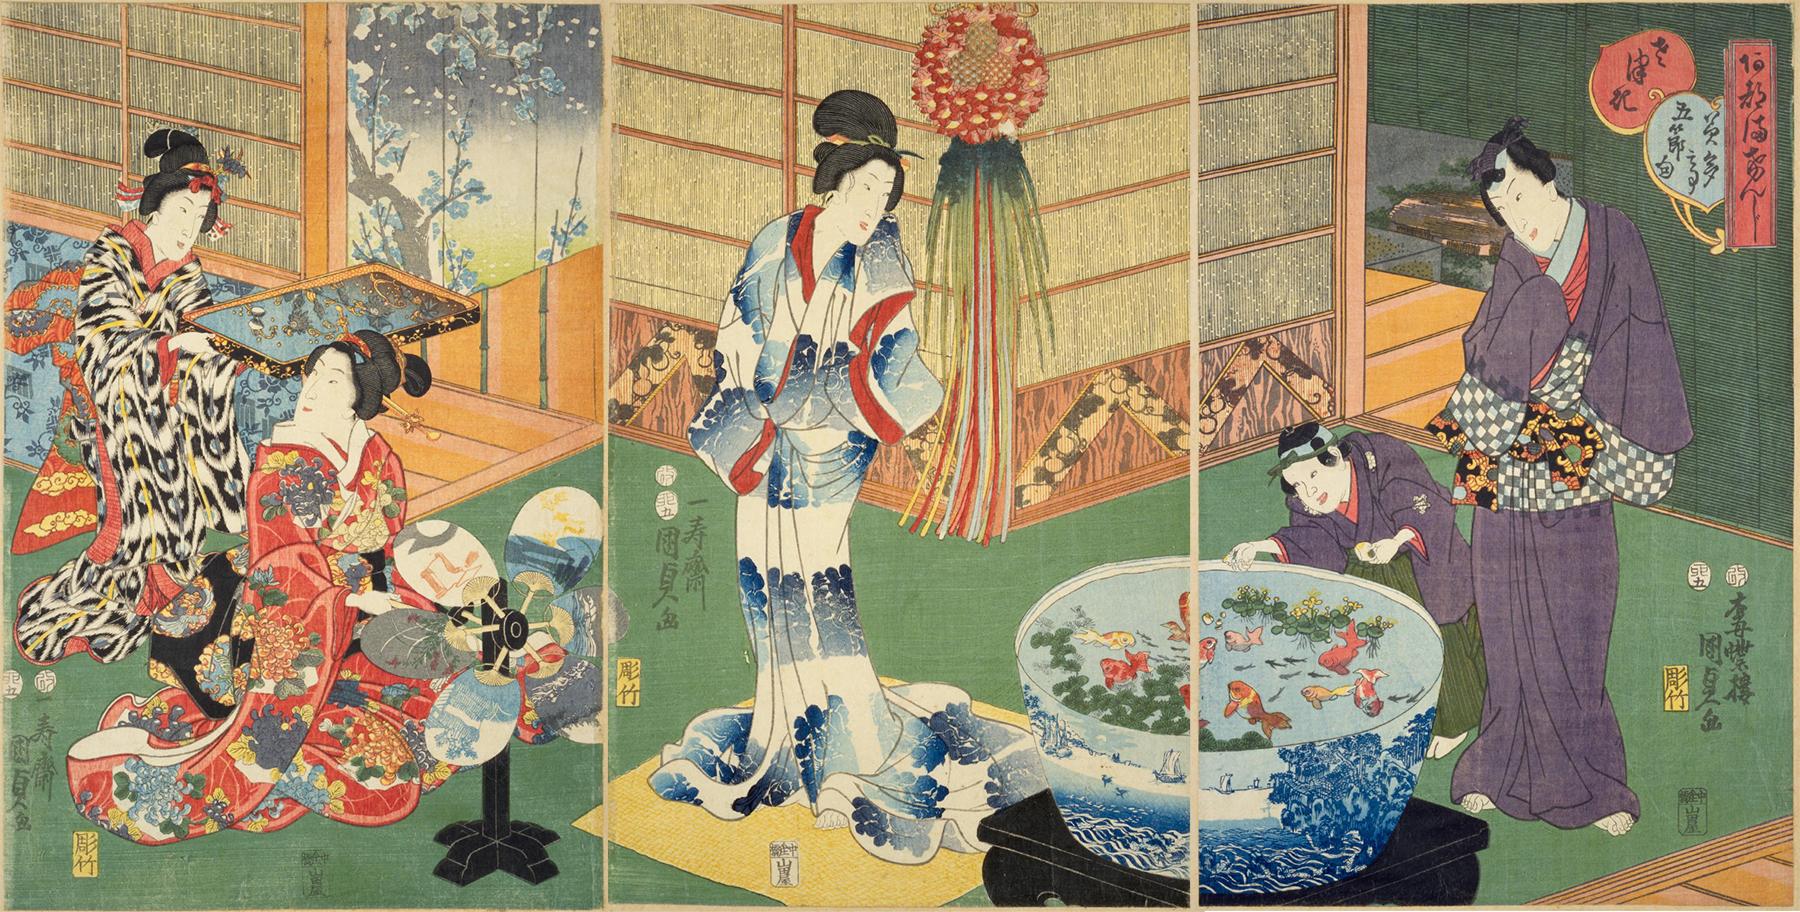 歌川国貞「あつまけんしみたて五節句」『時世源氏十二ケ月外源氏絵』安政2年(1855年)